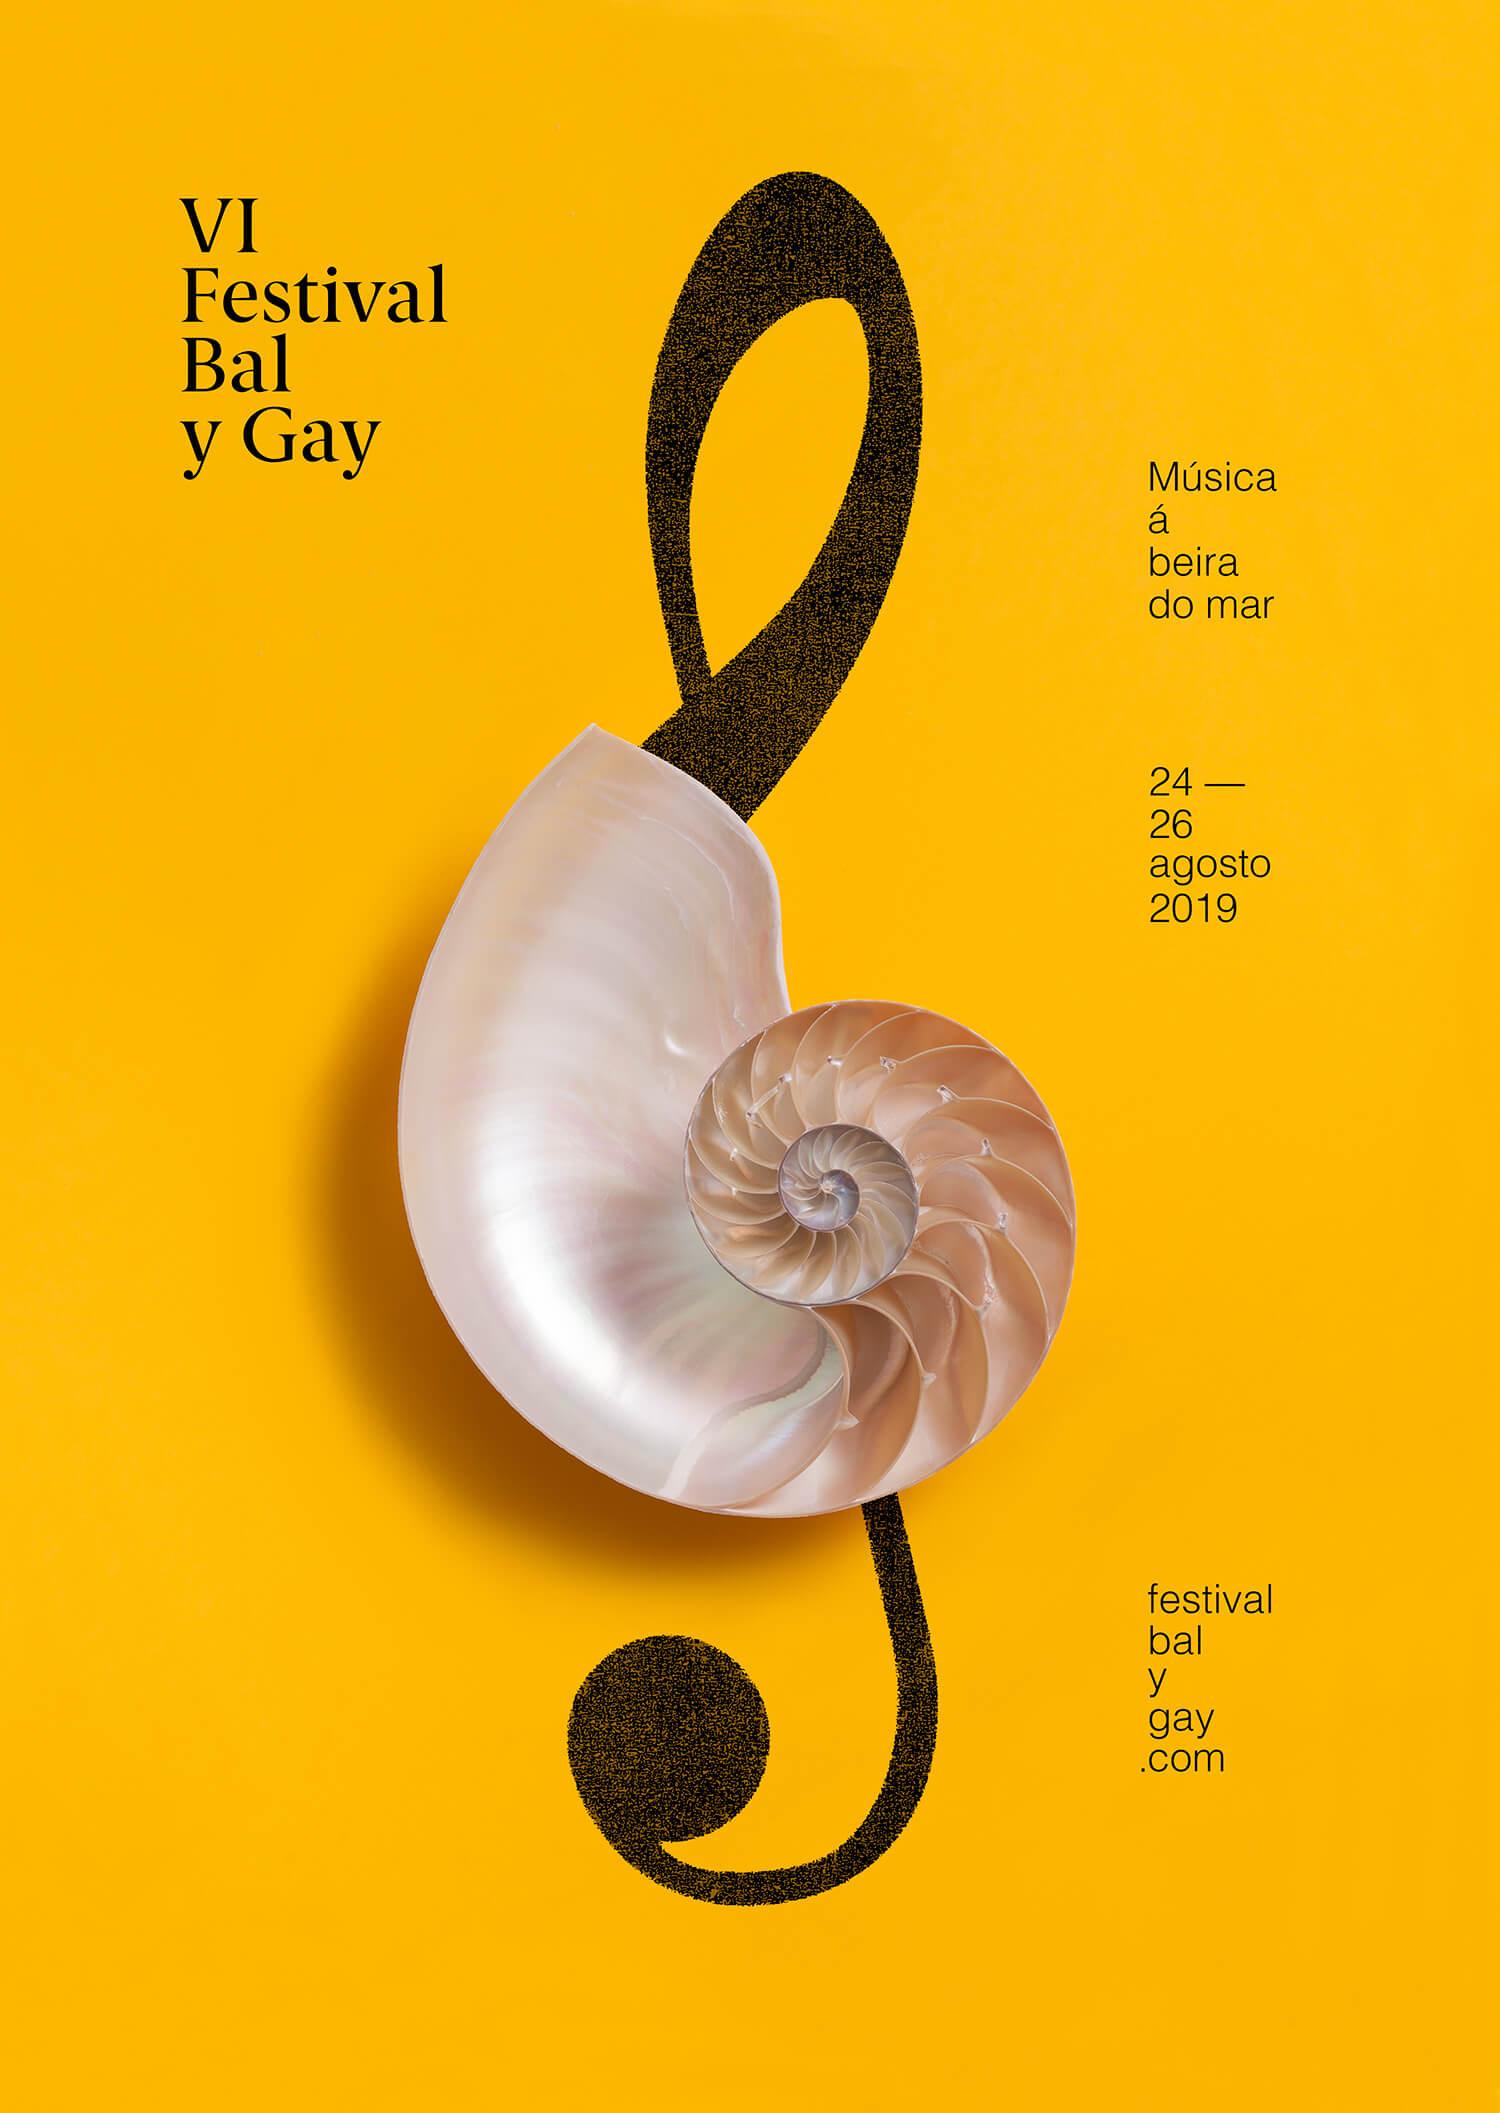 miguel-porlan-poster-festival-bay-y-gay-musica-foz-1